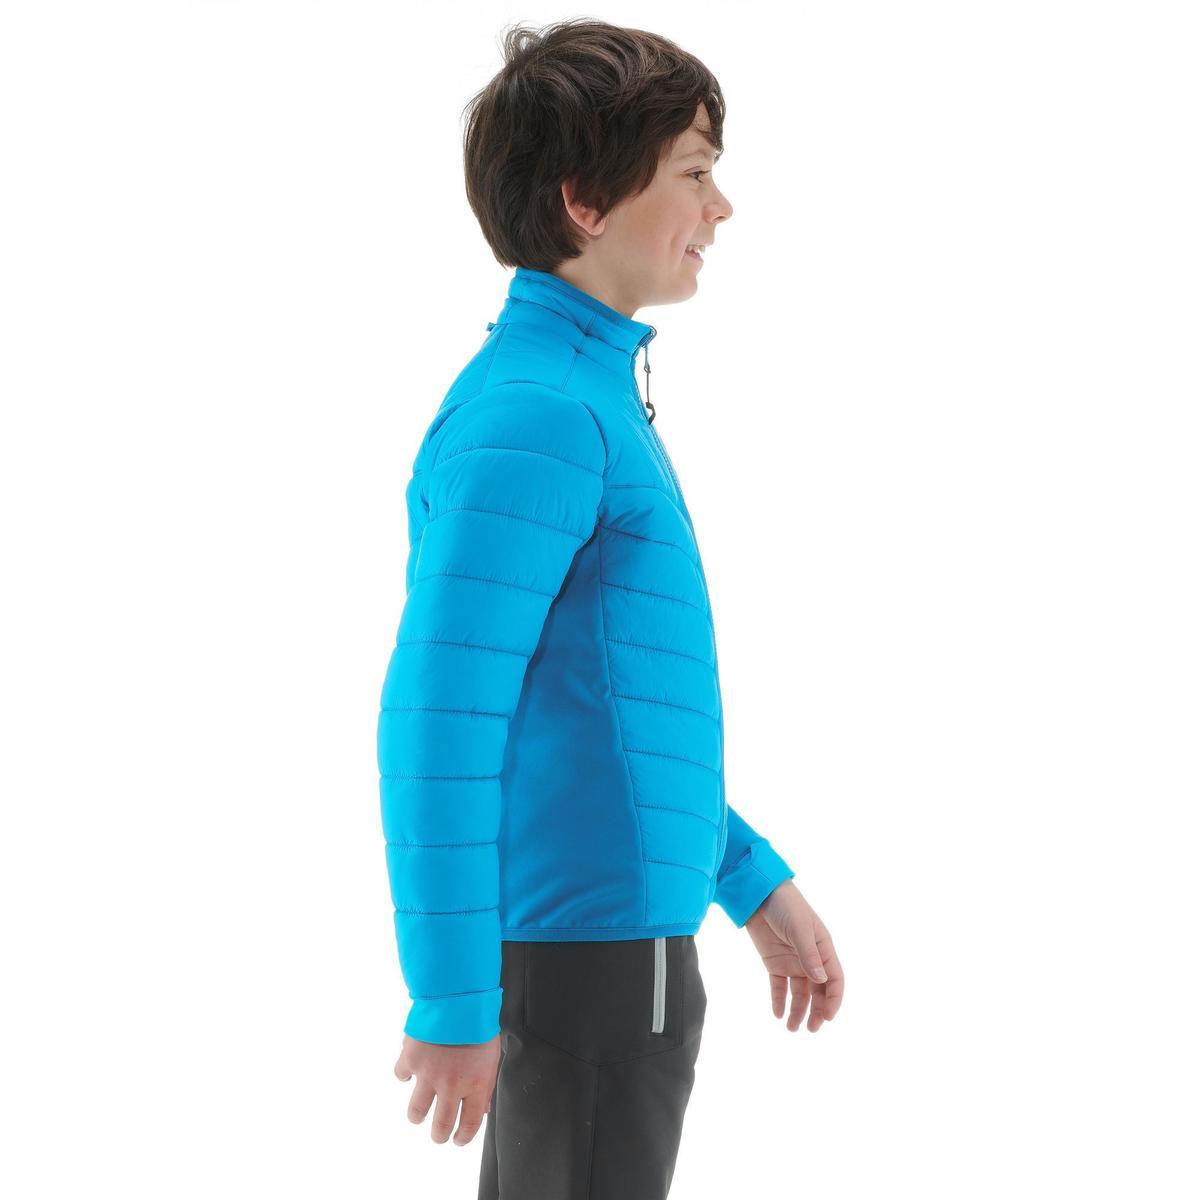 Bild 3 von Hybridjacke Winterwandern SH500 X-Warm Kinder blau